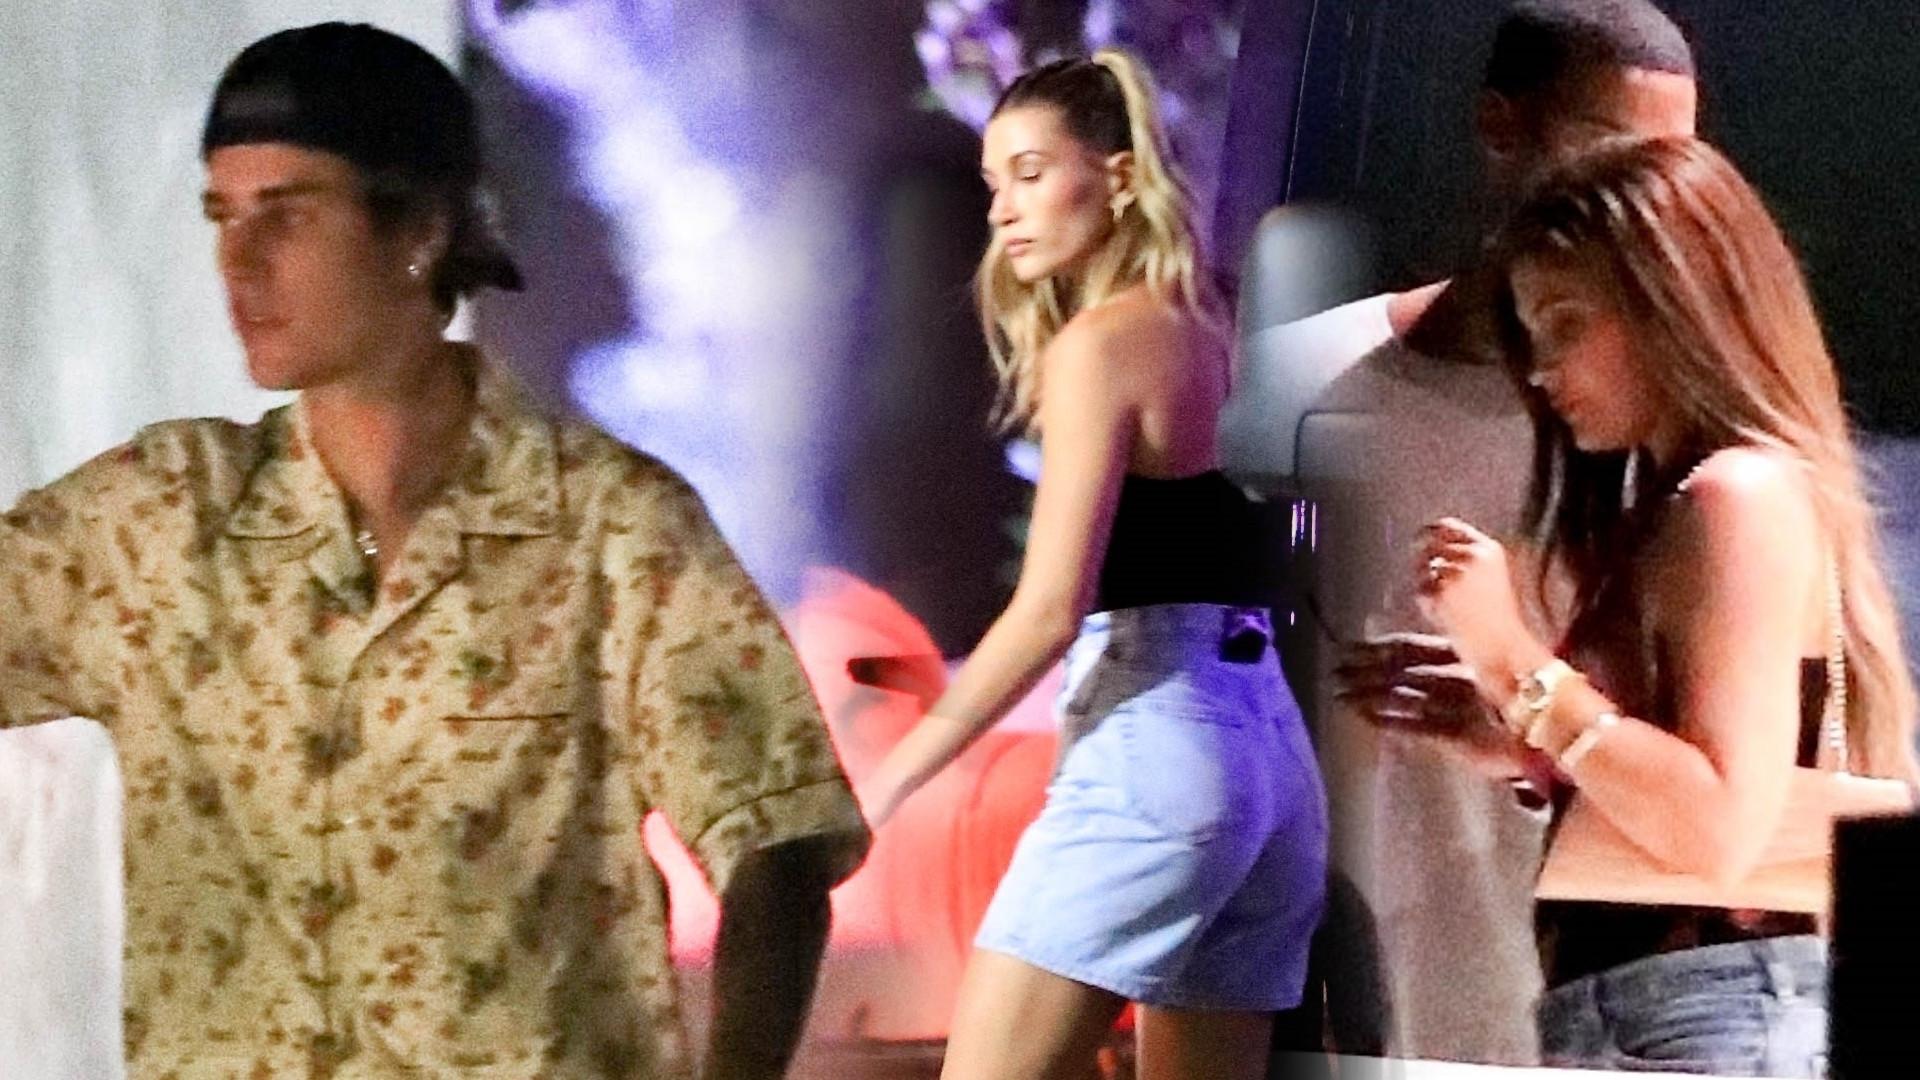 Justin Bieber zrobił GRUBĄ imprezę w domu. Nie zabrakło Kendall i Kylie (ZDJĘCIA)